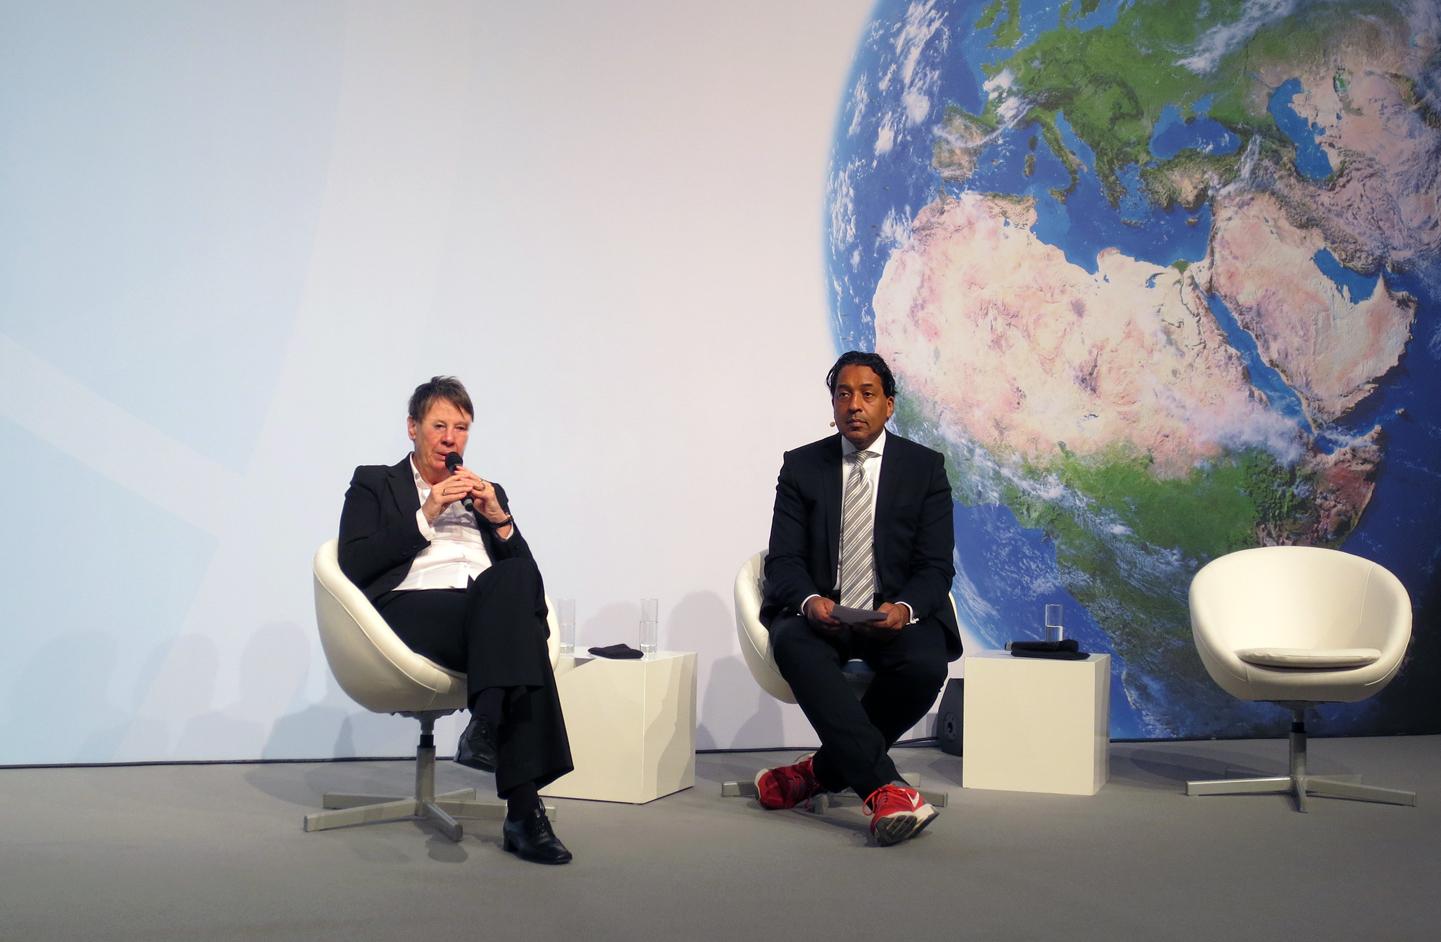 Bundesumweltministerin Dr. Barbara Hendricks im Gespräch mit Moderator Cherno Jobatey.